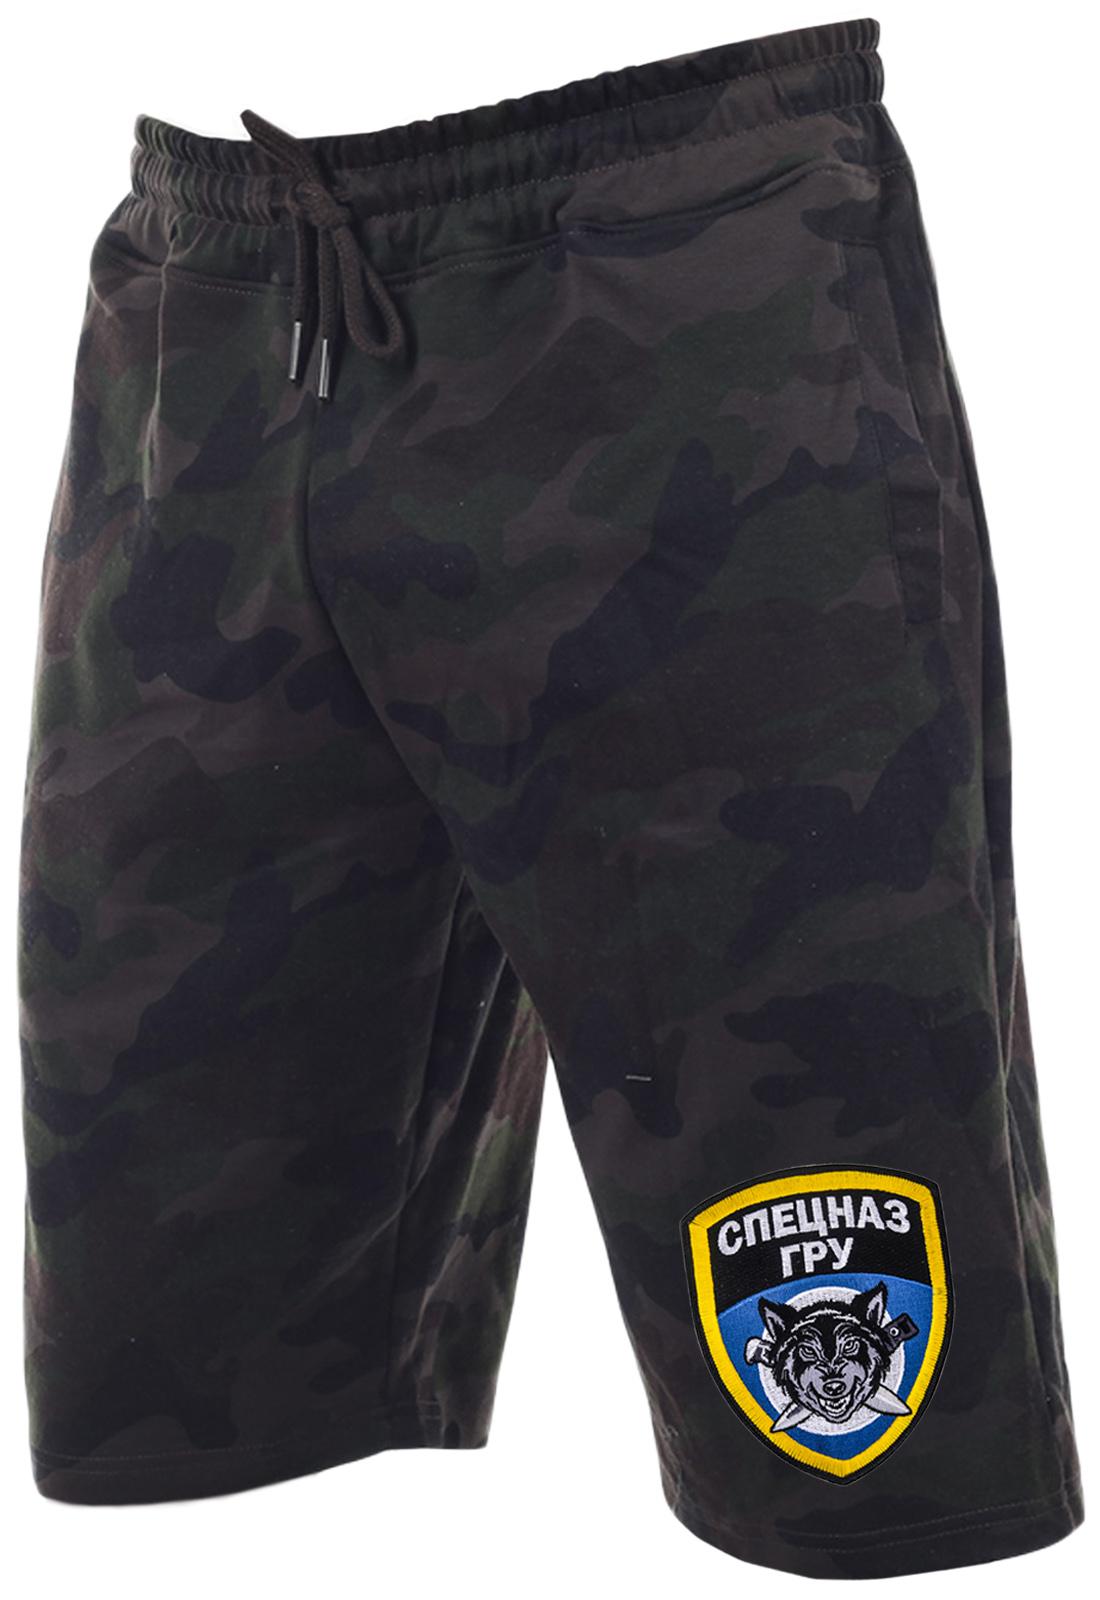 Полевые мужские шорты Спецназа ГРУ